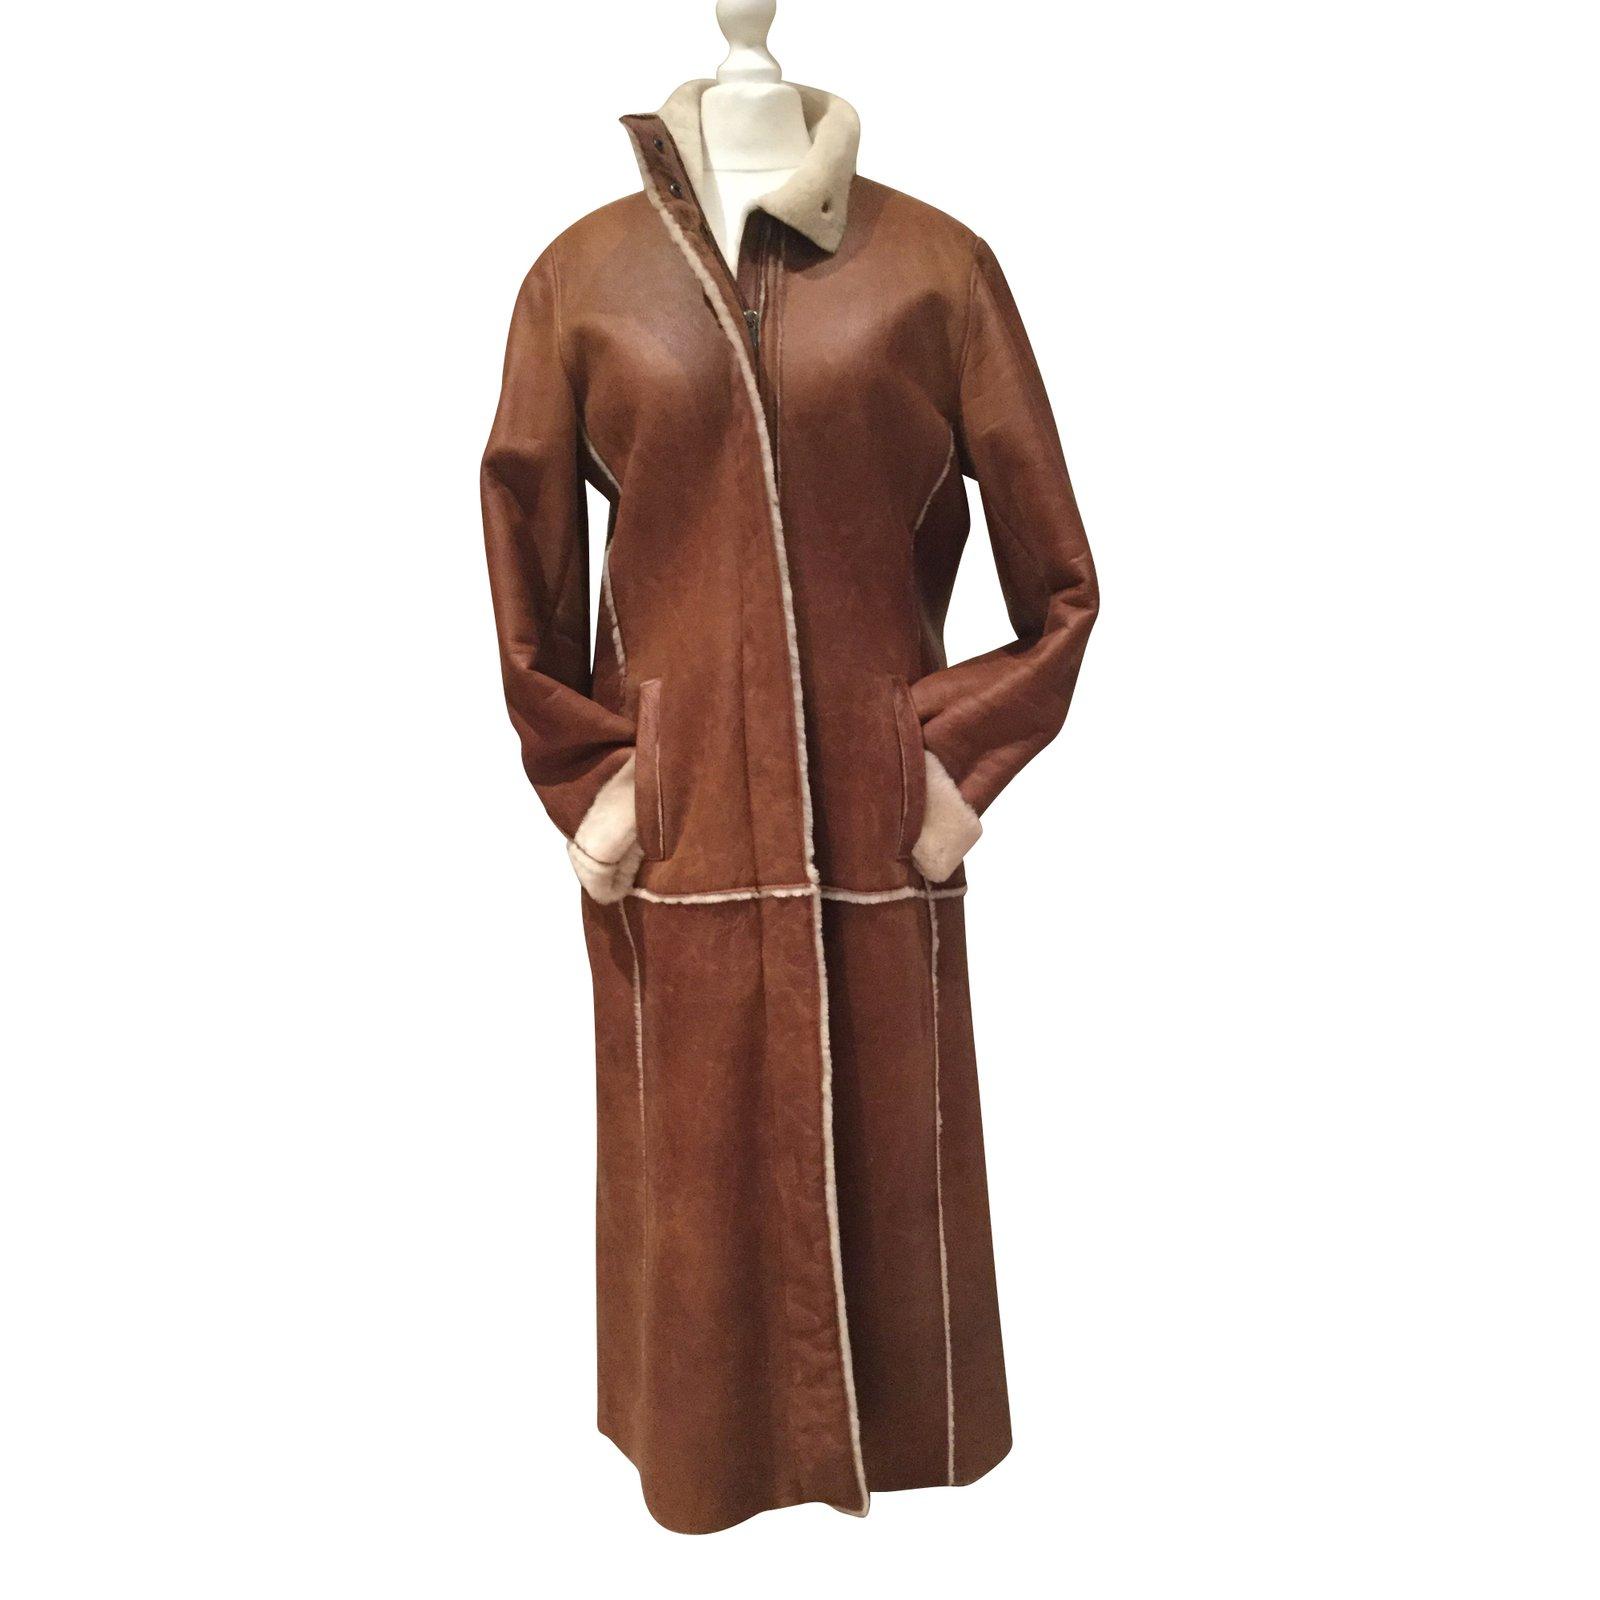 manteaux burberry manteau peau lain e cuir d 39 agneau. Black Bedroom Furniture Sets. Home Design Ideas